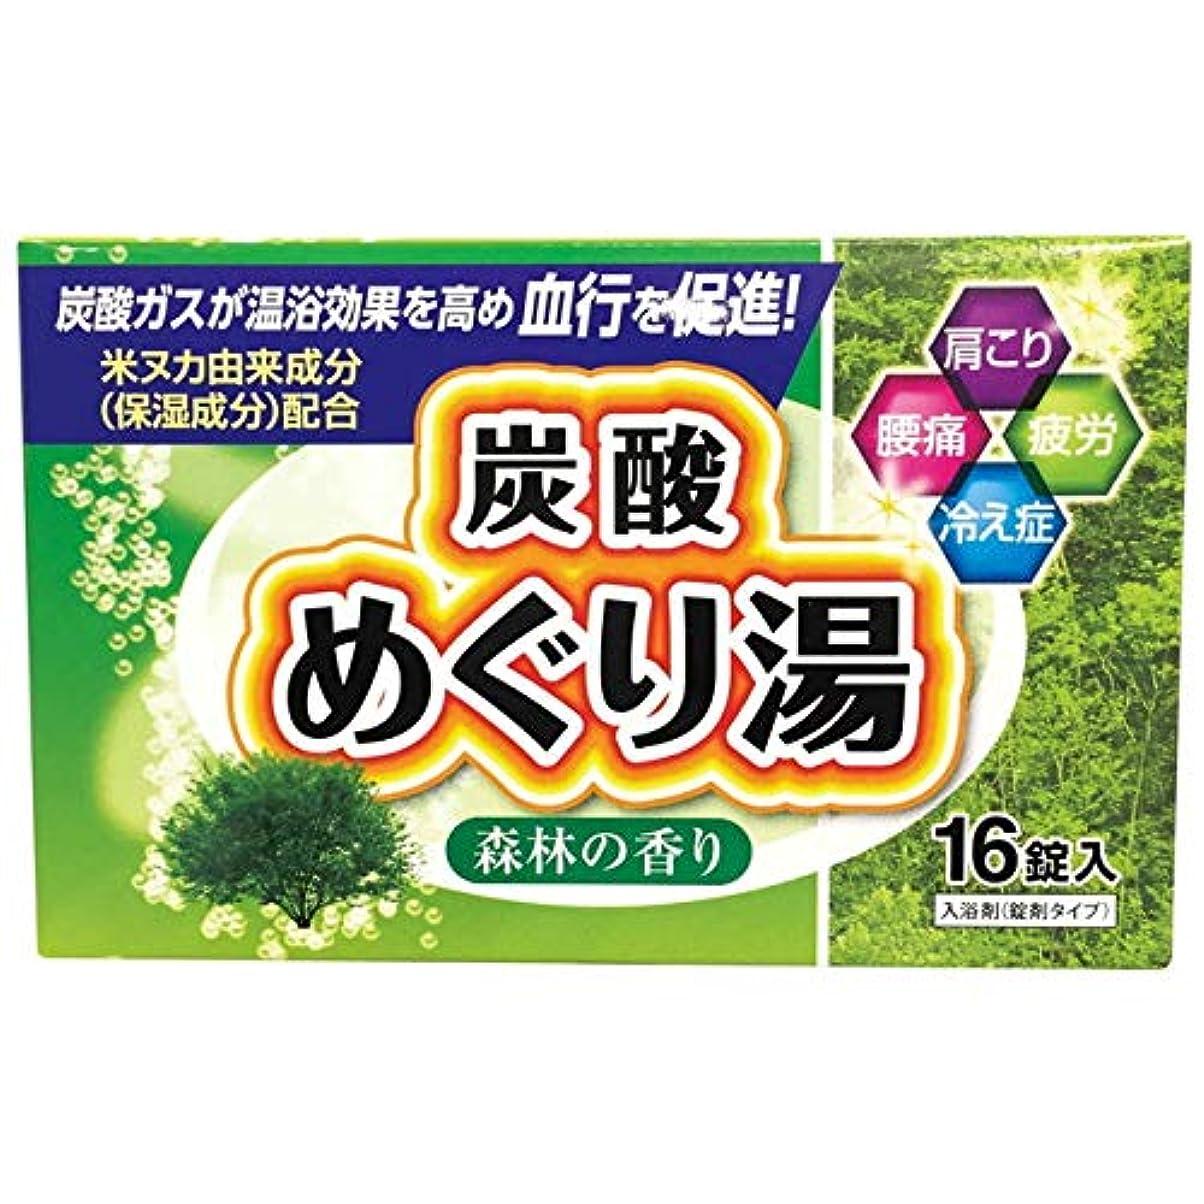 感覚暖かさポップ炭酸めぐり湯 森林の香り 16錠